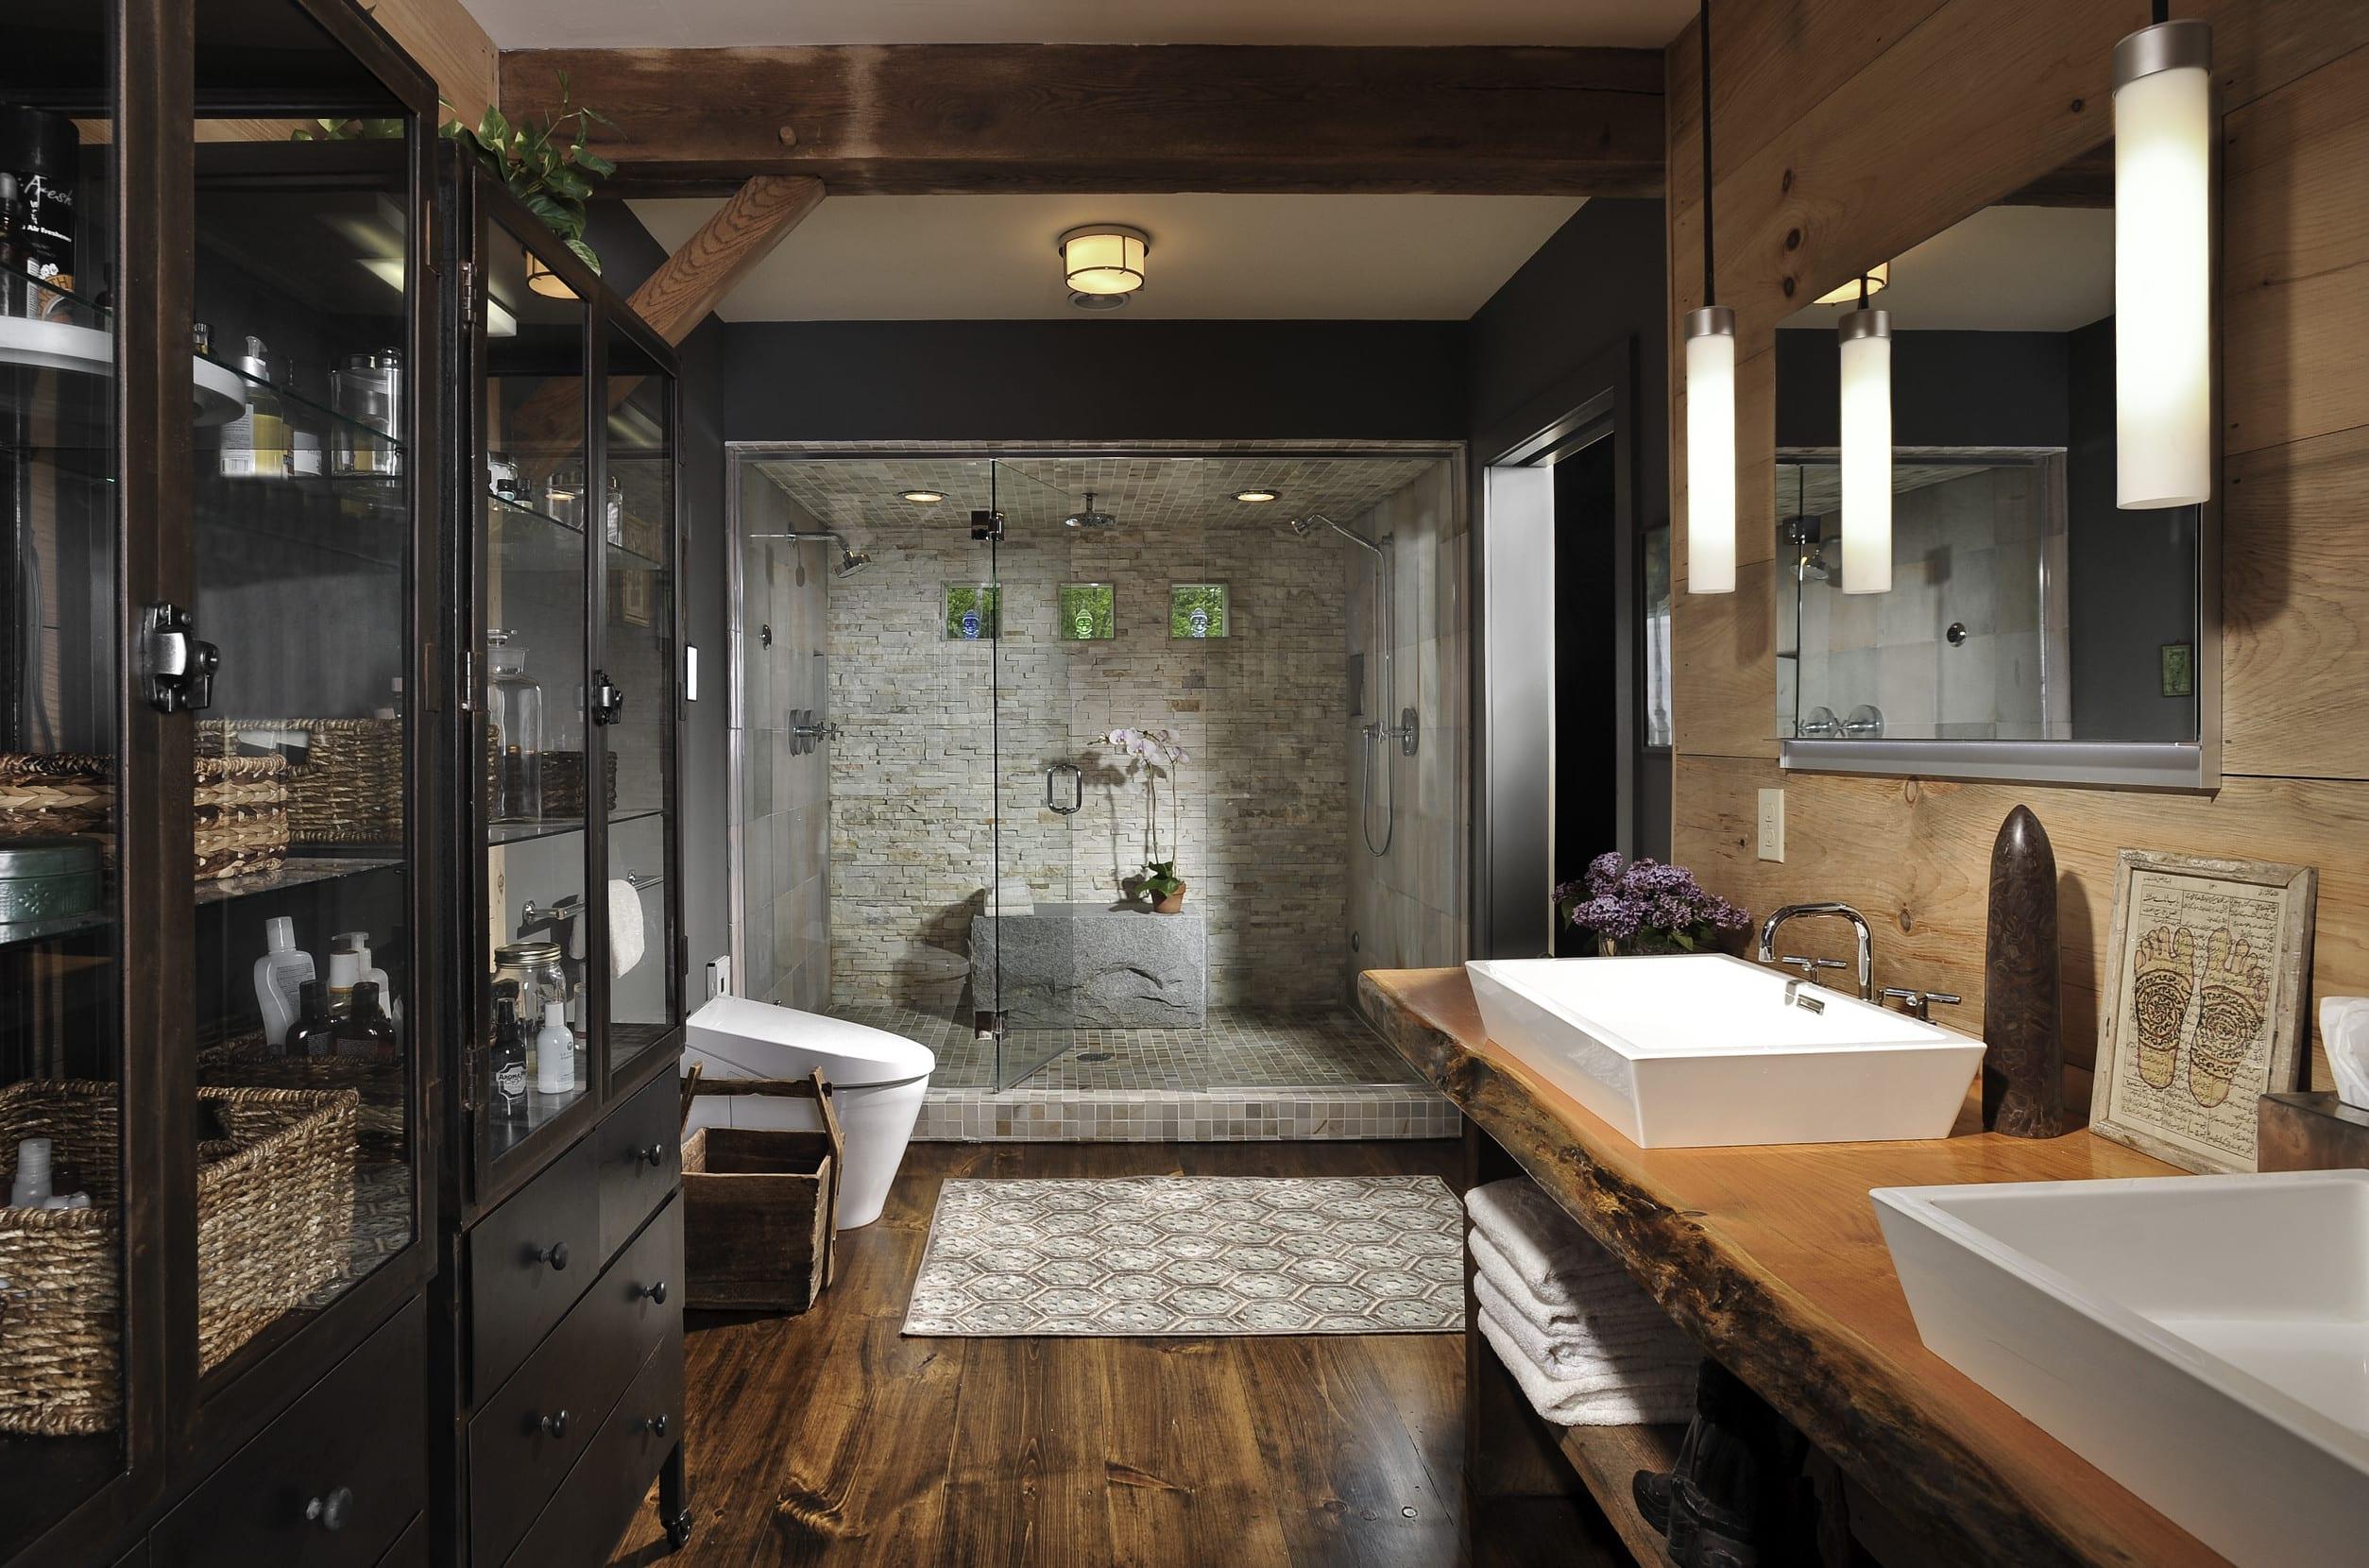 vintage badezimmer ideen mit zwei duschen und vintage badezimmerschränken mit glasvitrinen